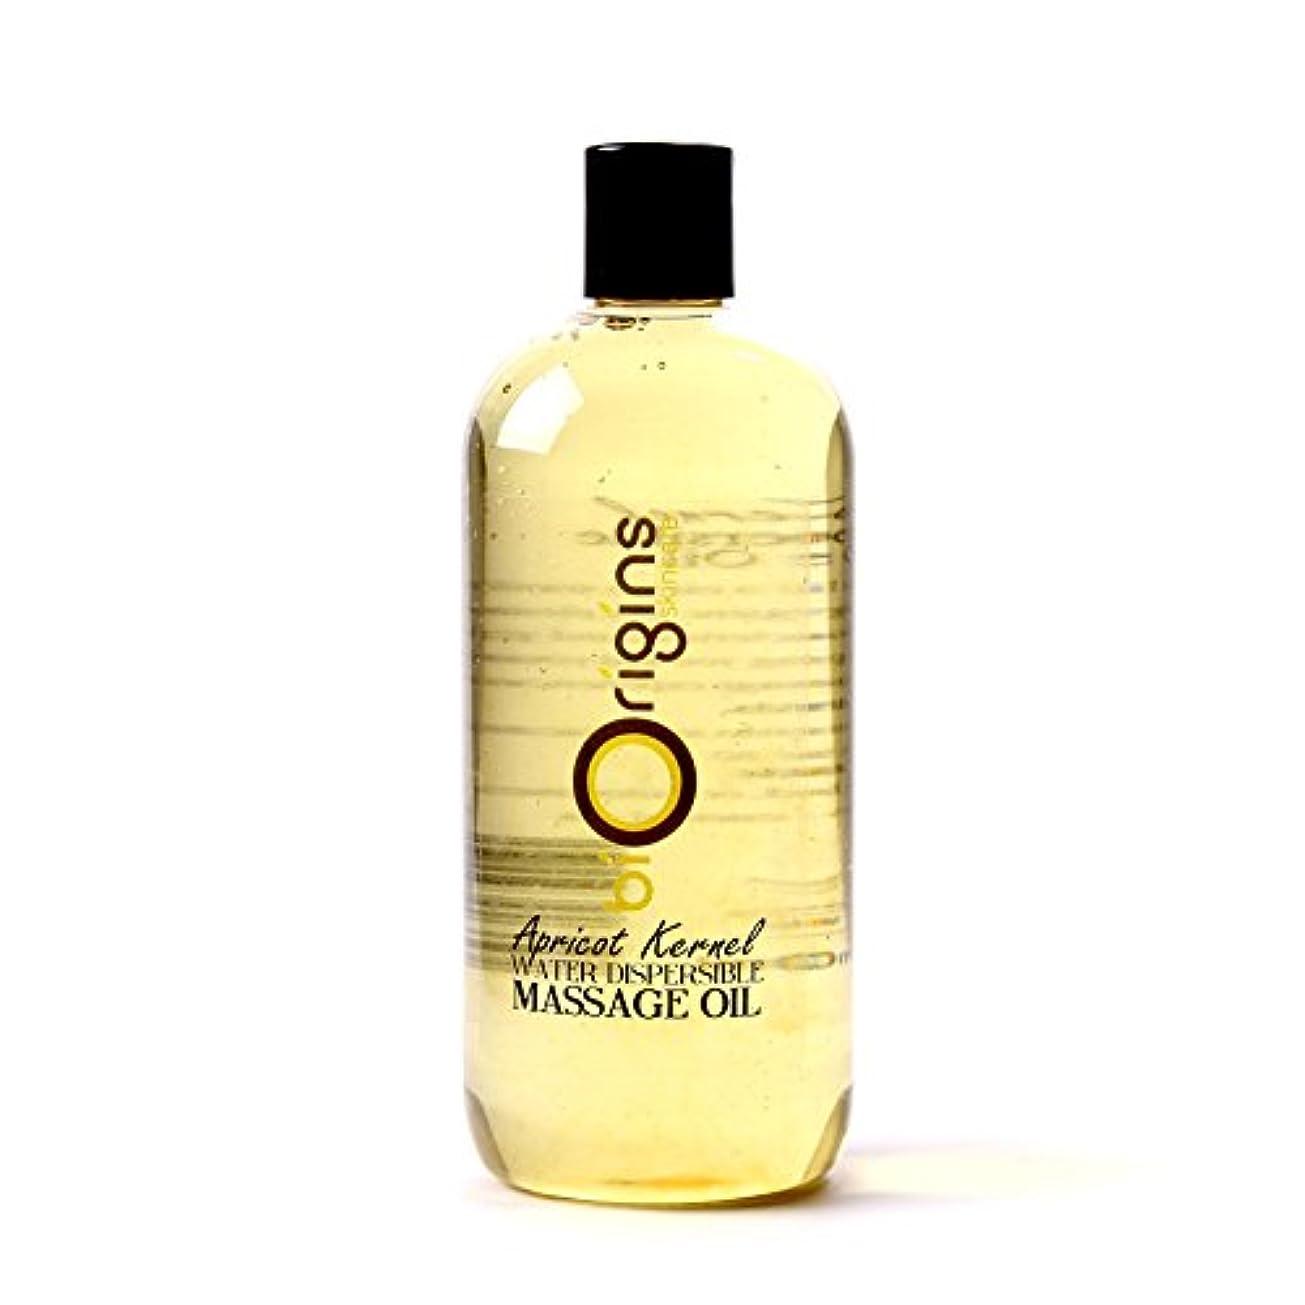 気づく同志偶然Apricot Kernel Water Dispersible Massage Oil - 500ml - 100% Pure